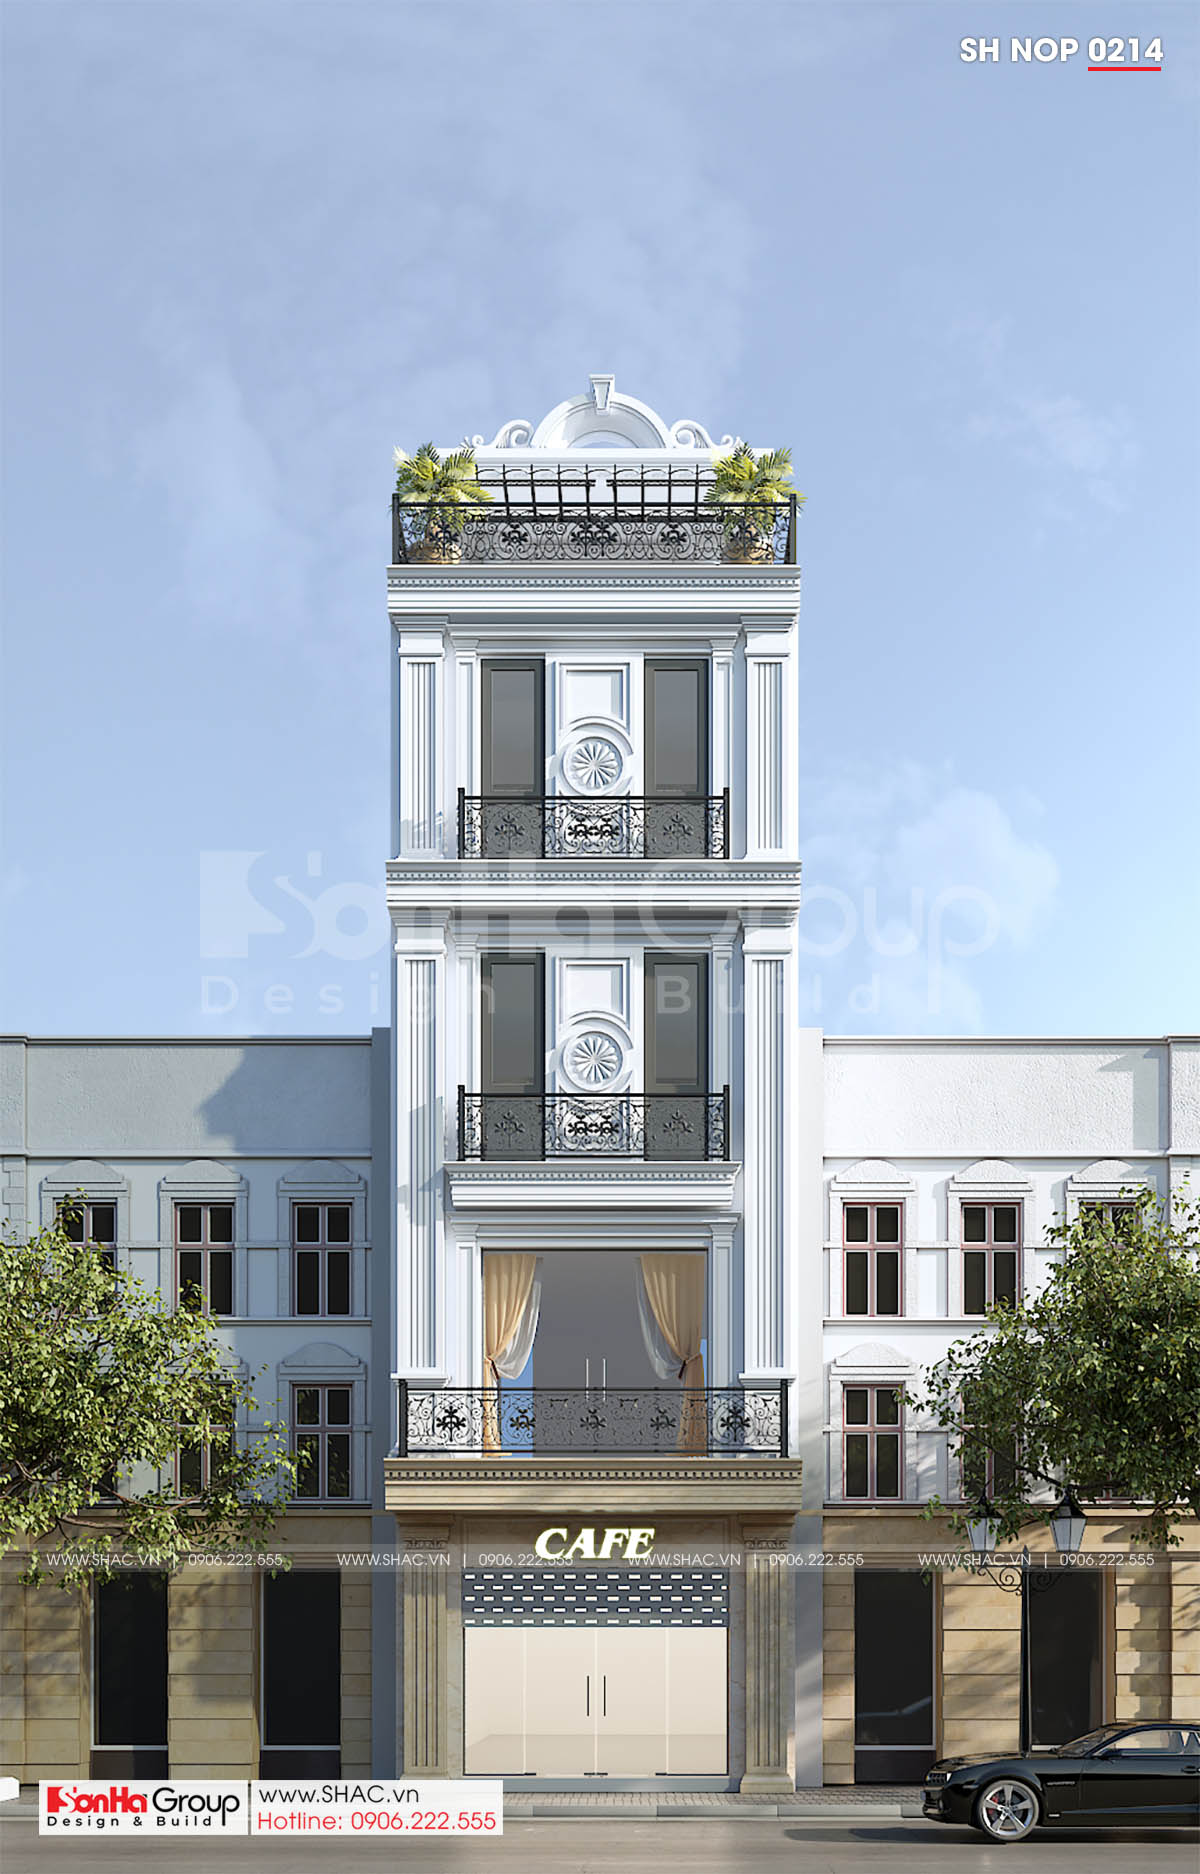 Mặt tiền mẫu nhà phố tân cổ điển đẹp tại Lạng Sơn